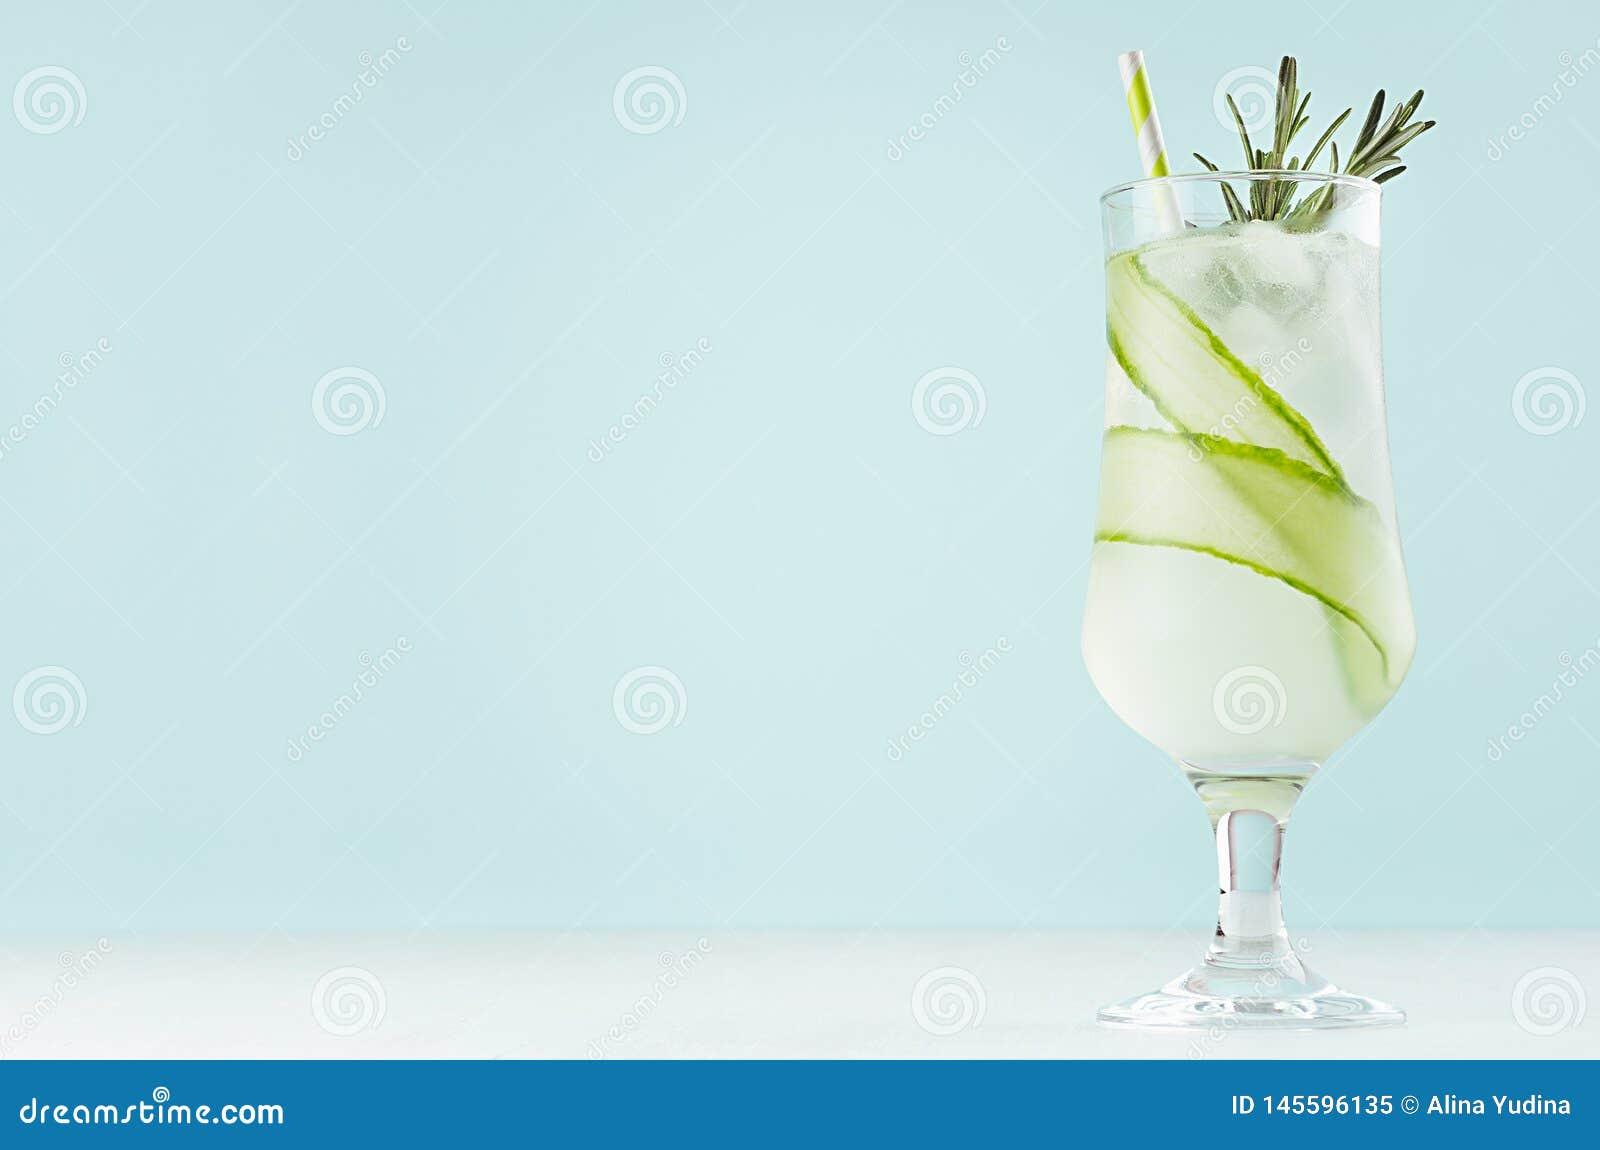 För detoxgurka för sommar ny coctail i vinglas med iskuber, rosmarin, sugrör på pastellfärgad mintkaramellfärgbakgrund, kopiering